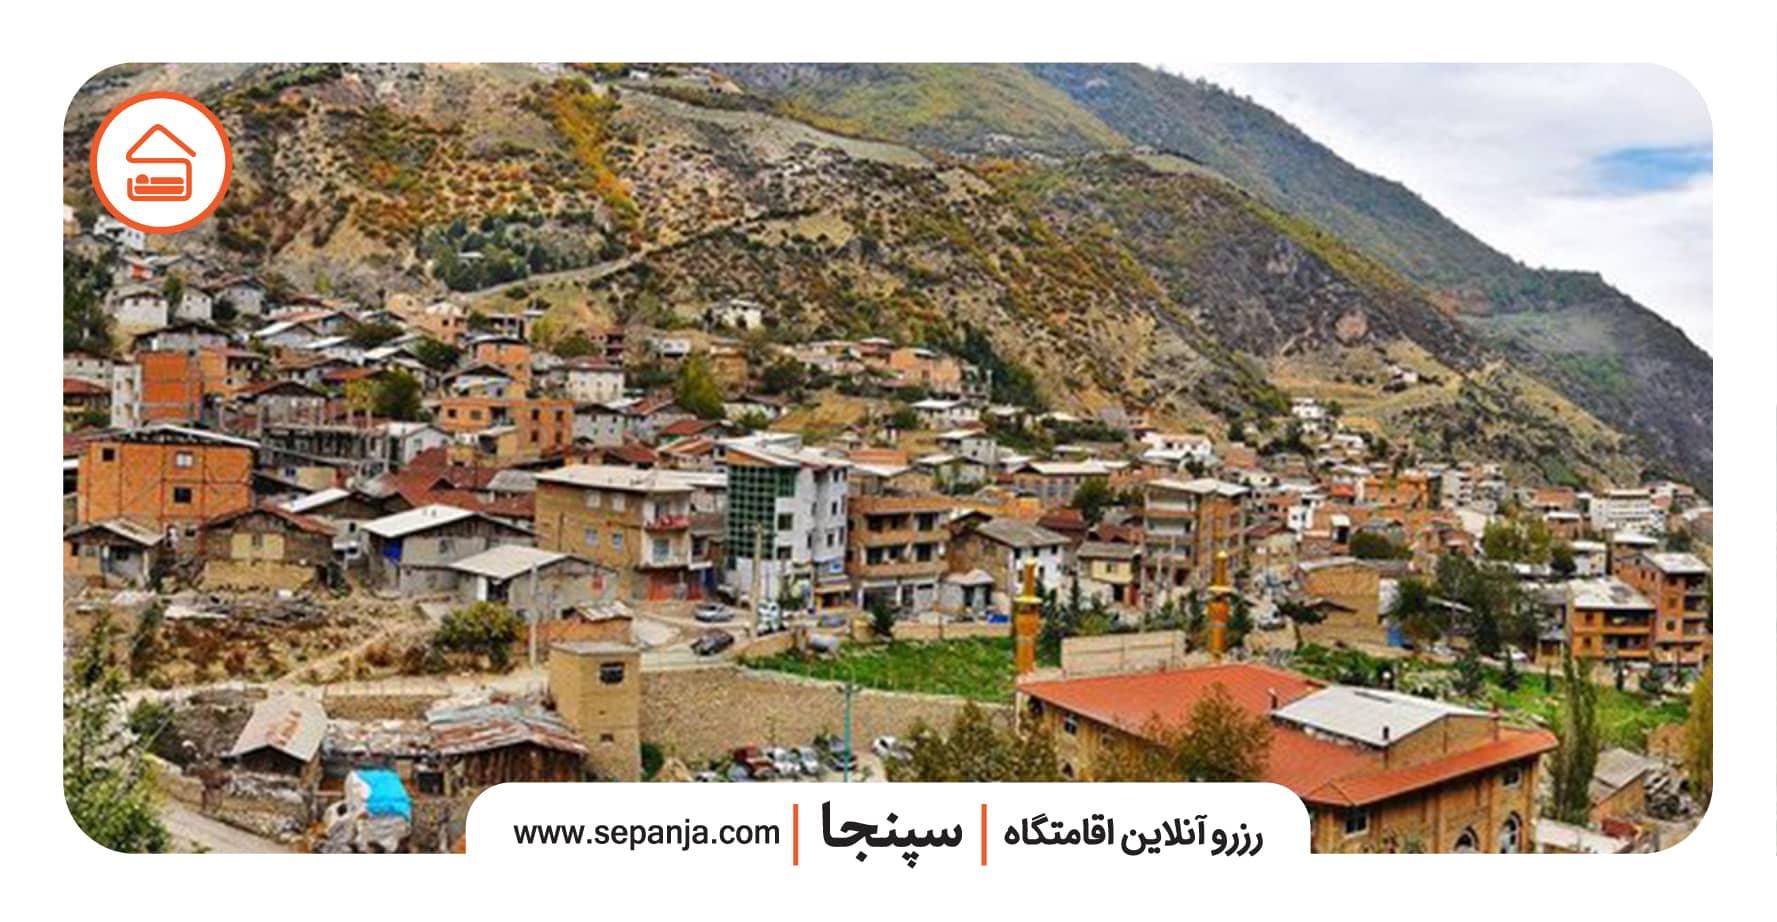 روستای زیارت از بهترین جاهای دیدنی گرگان